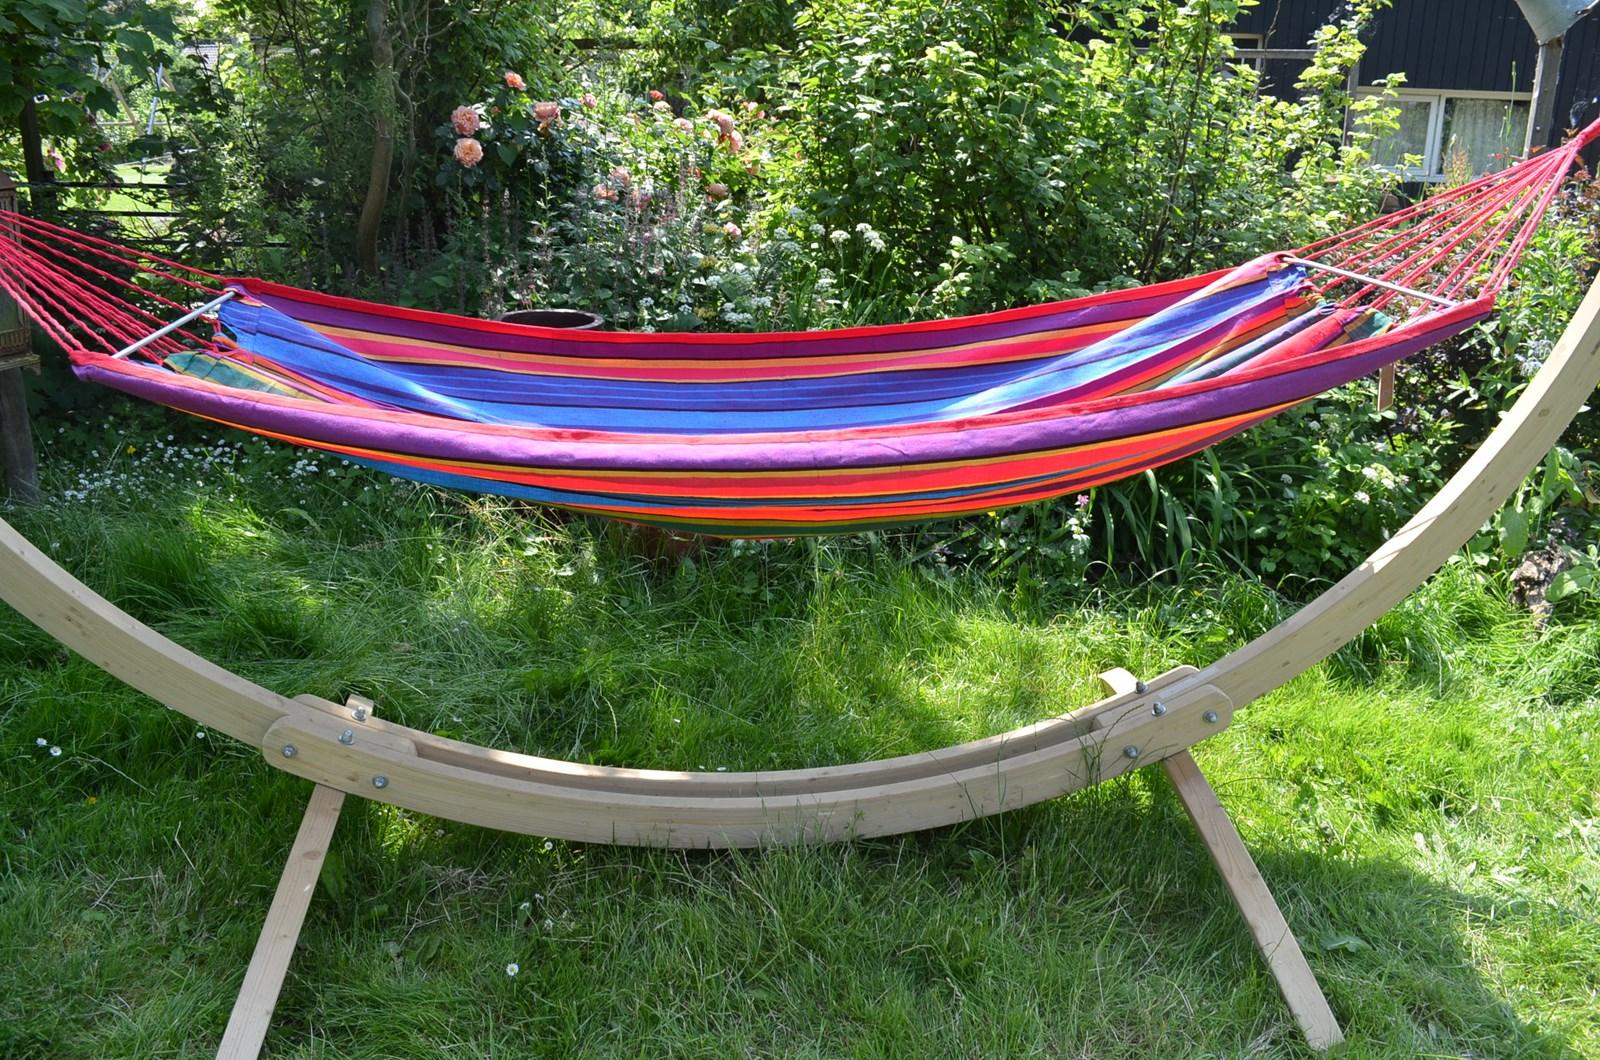 Hangmat Ophangen Balkon.Nieuwe Hangstoelen En Hangmatten Bij Wilma S Wereld Wilma S Wereld